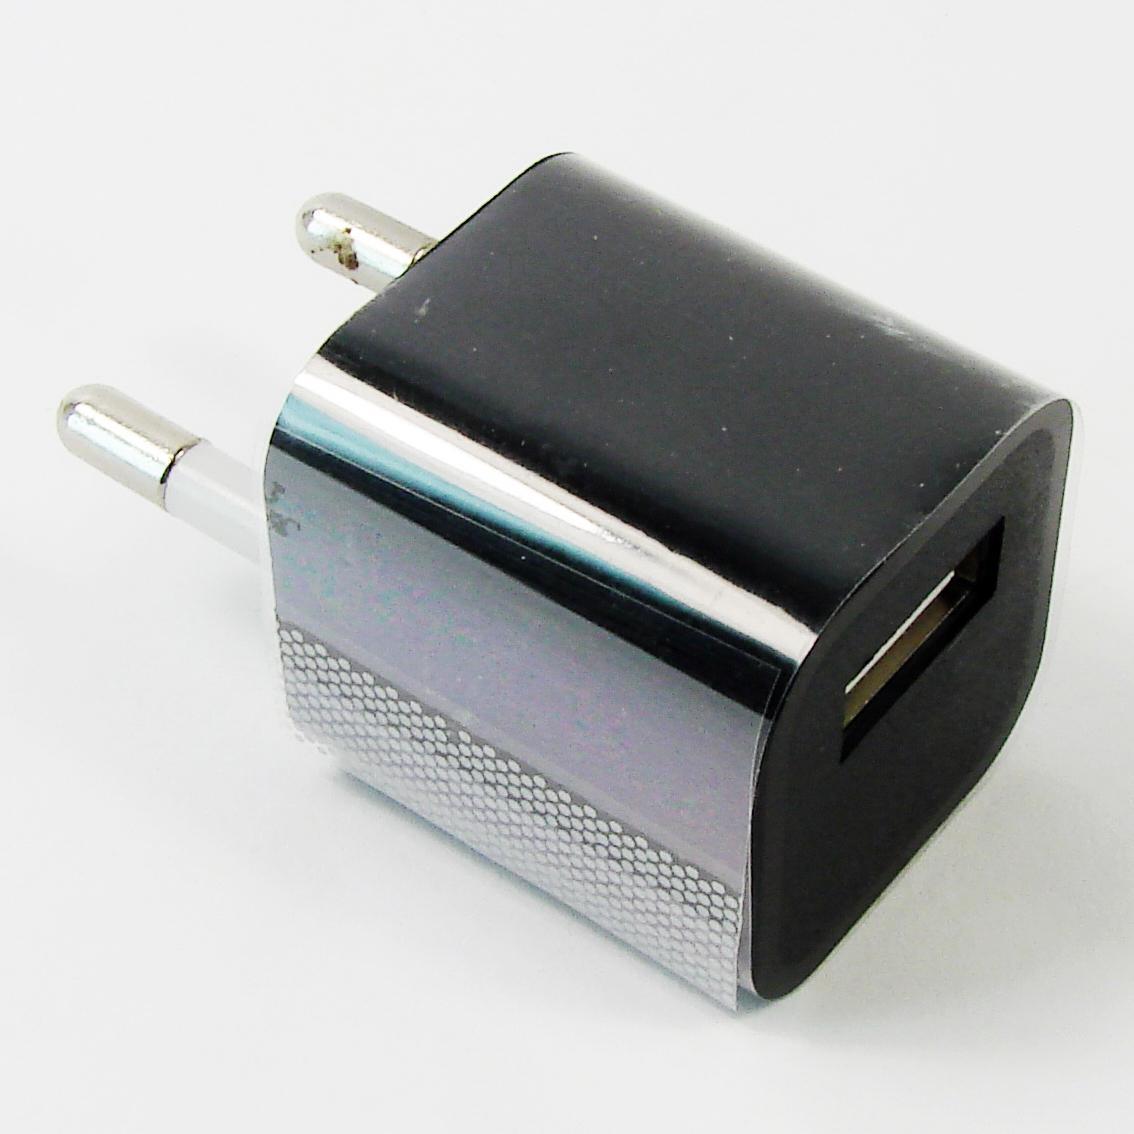 Адаптер USB 5V/1А для подключения ночника к розетке